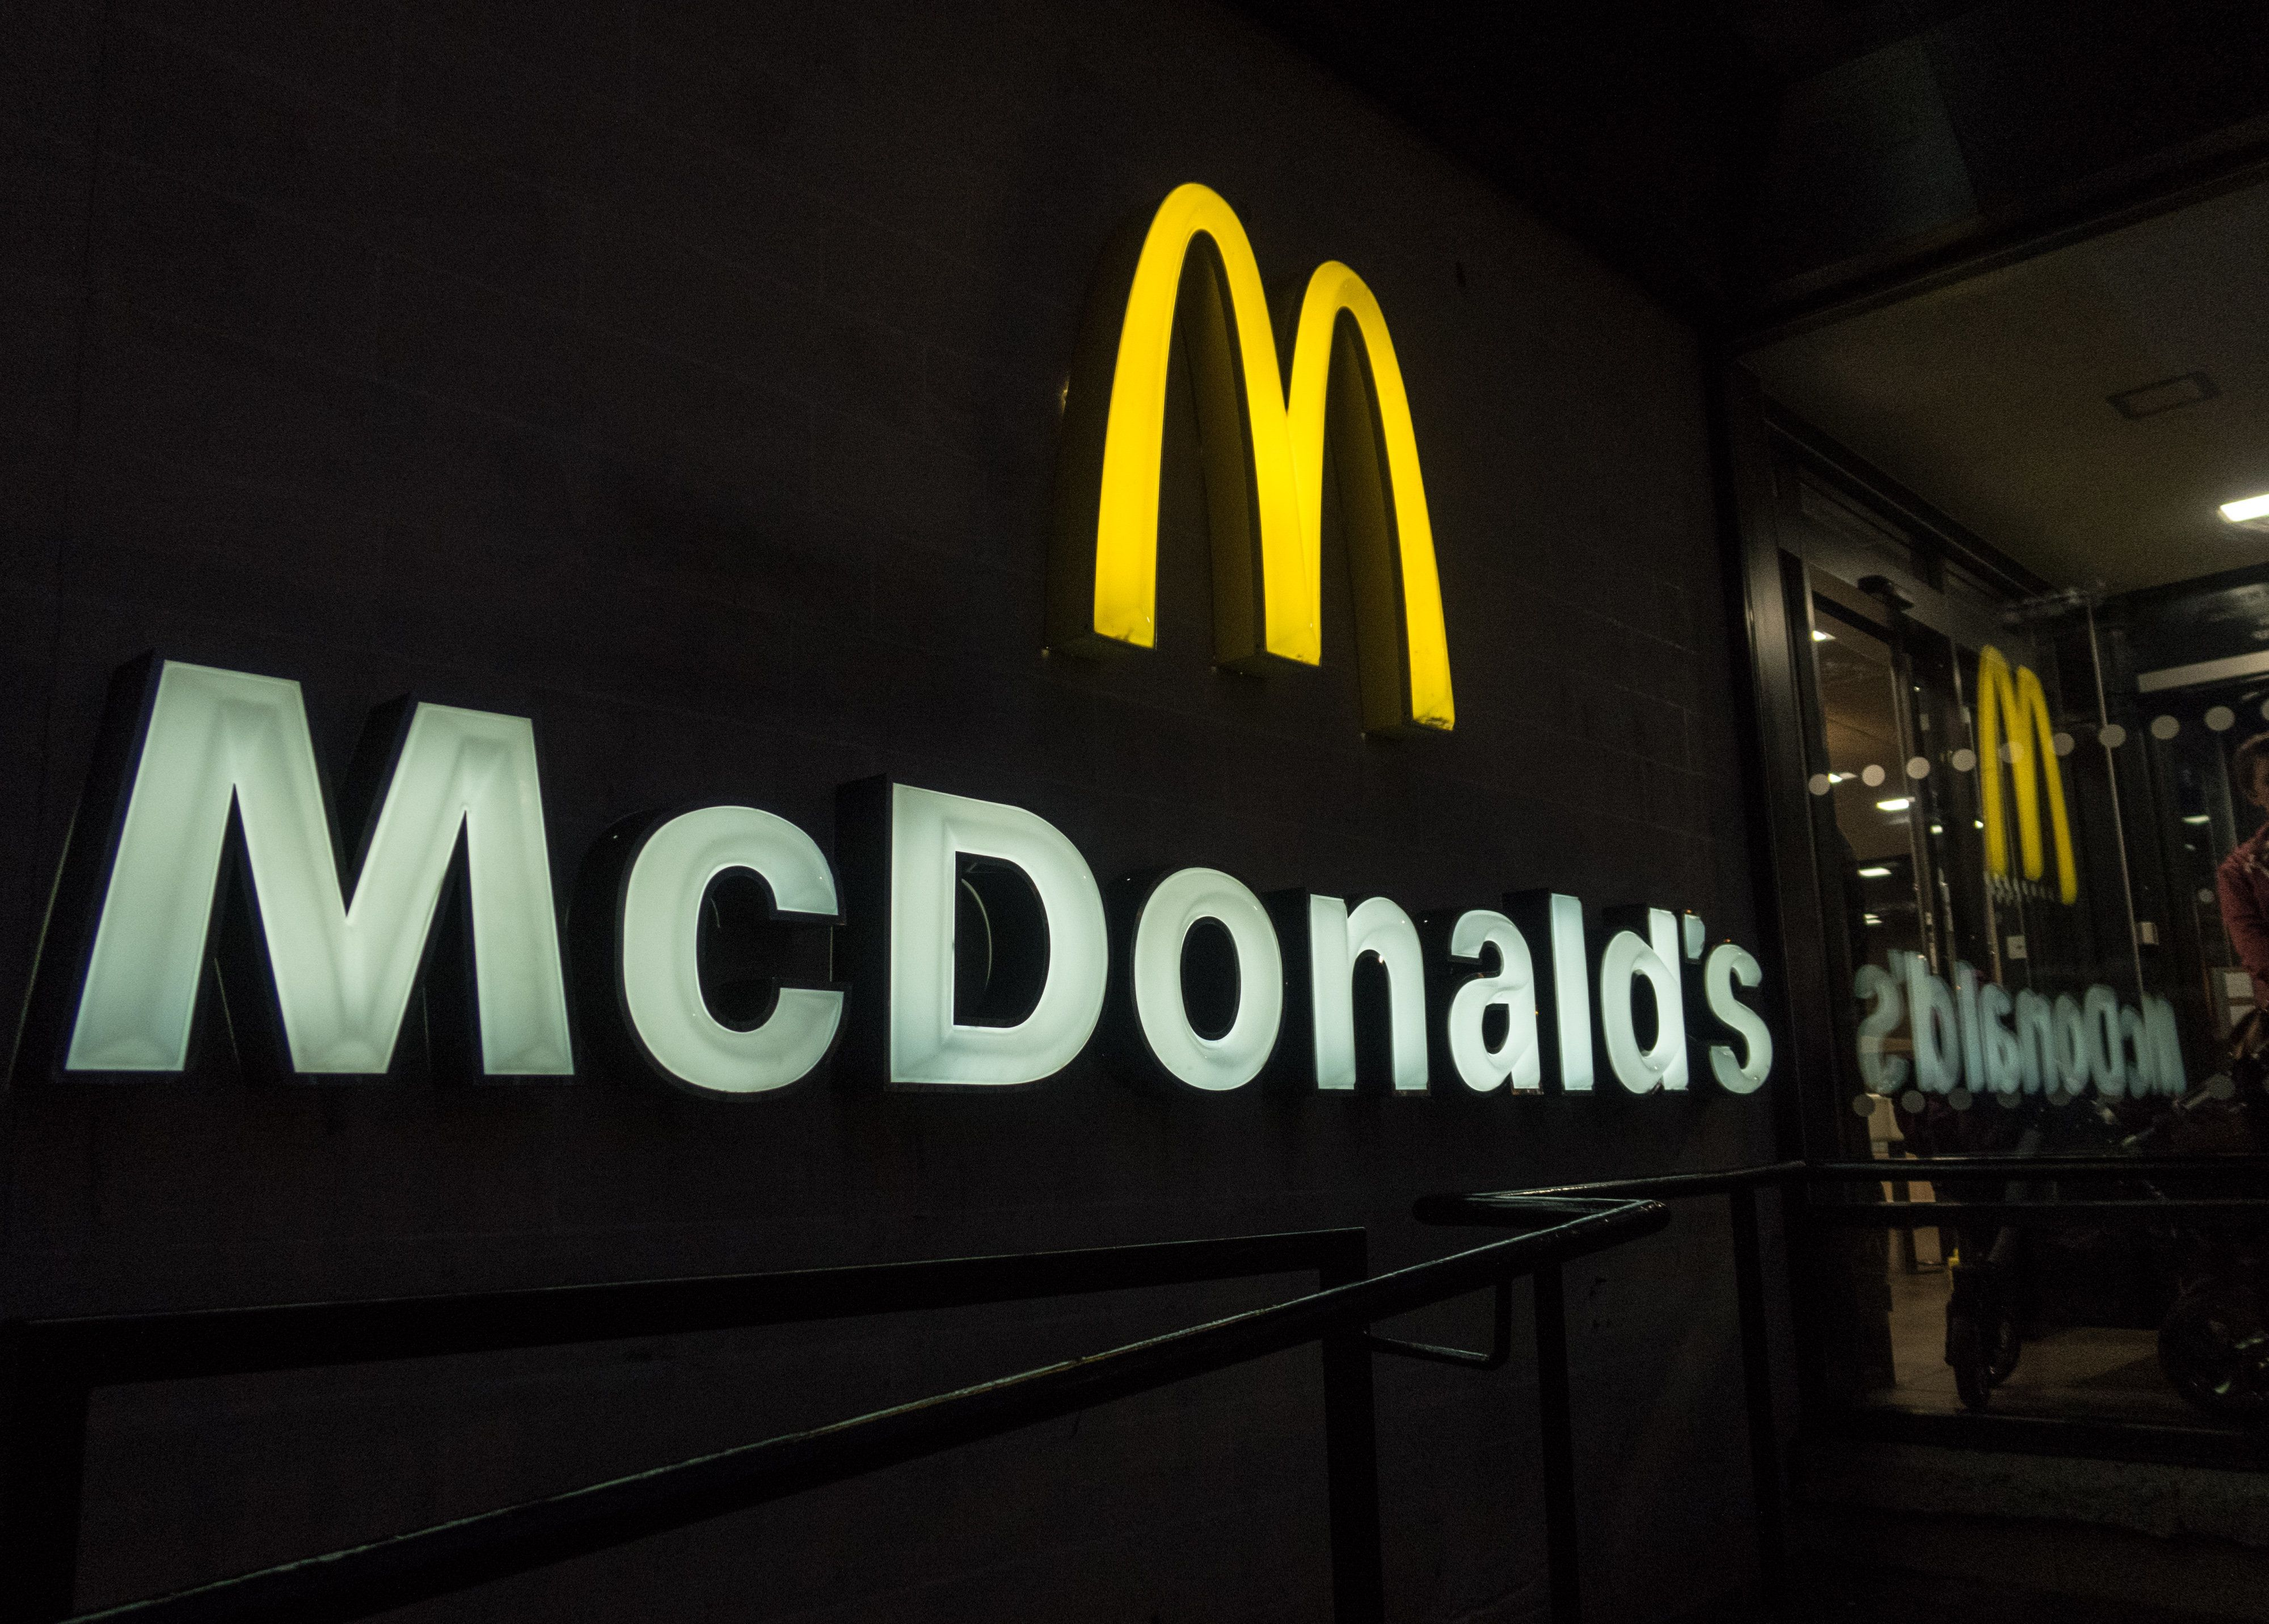 미국 맥도날드 고객들은 이 아시안 소스가 동났다고